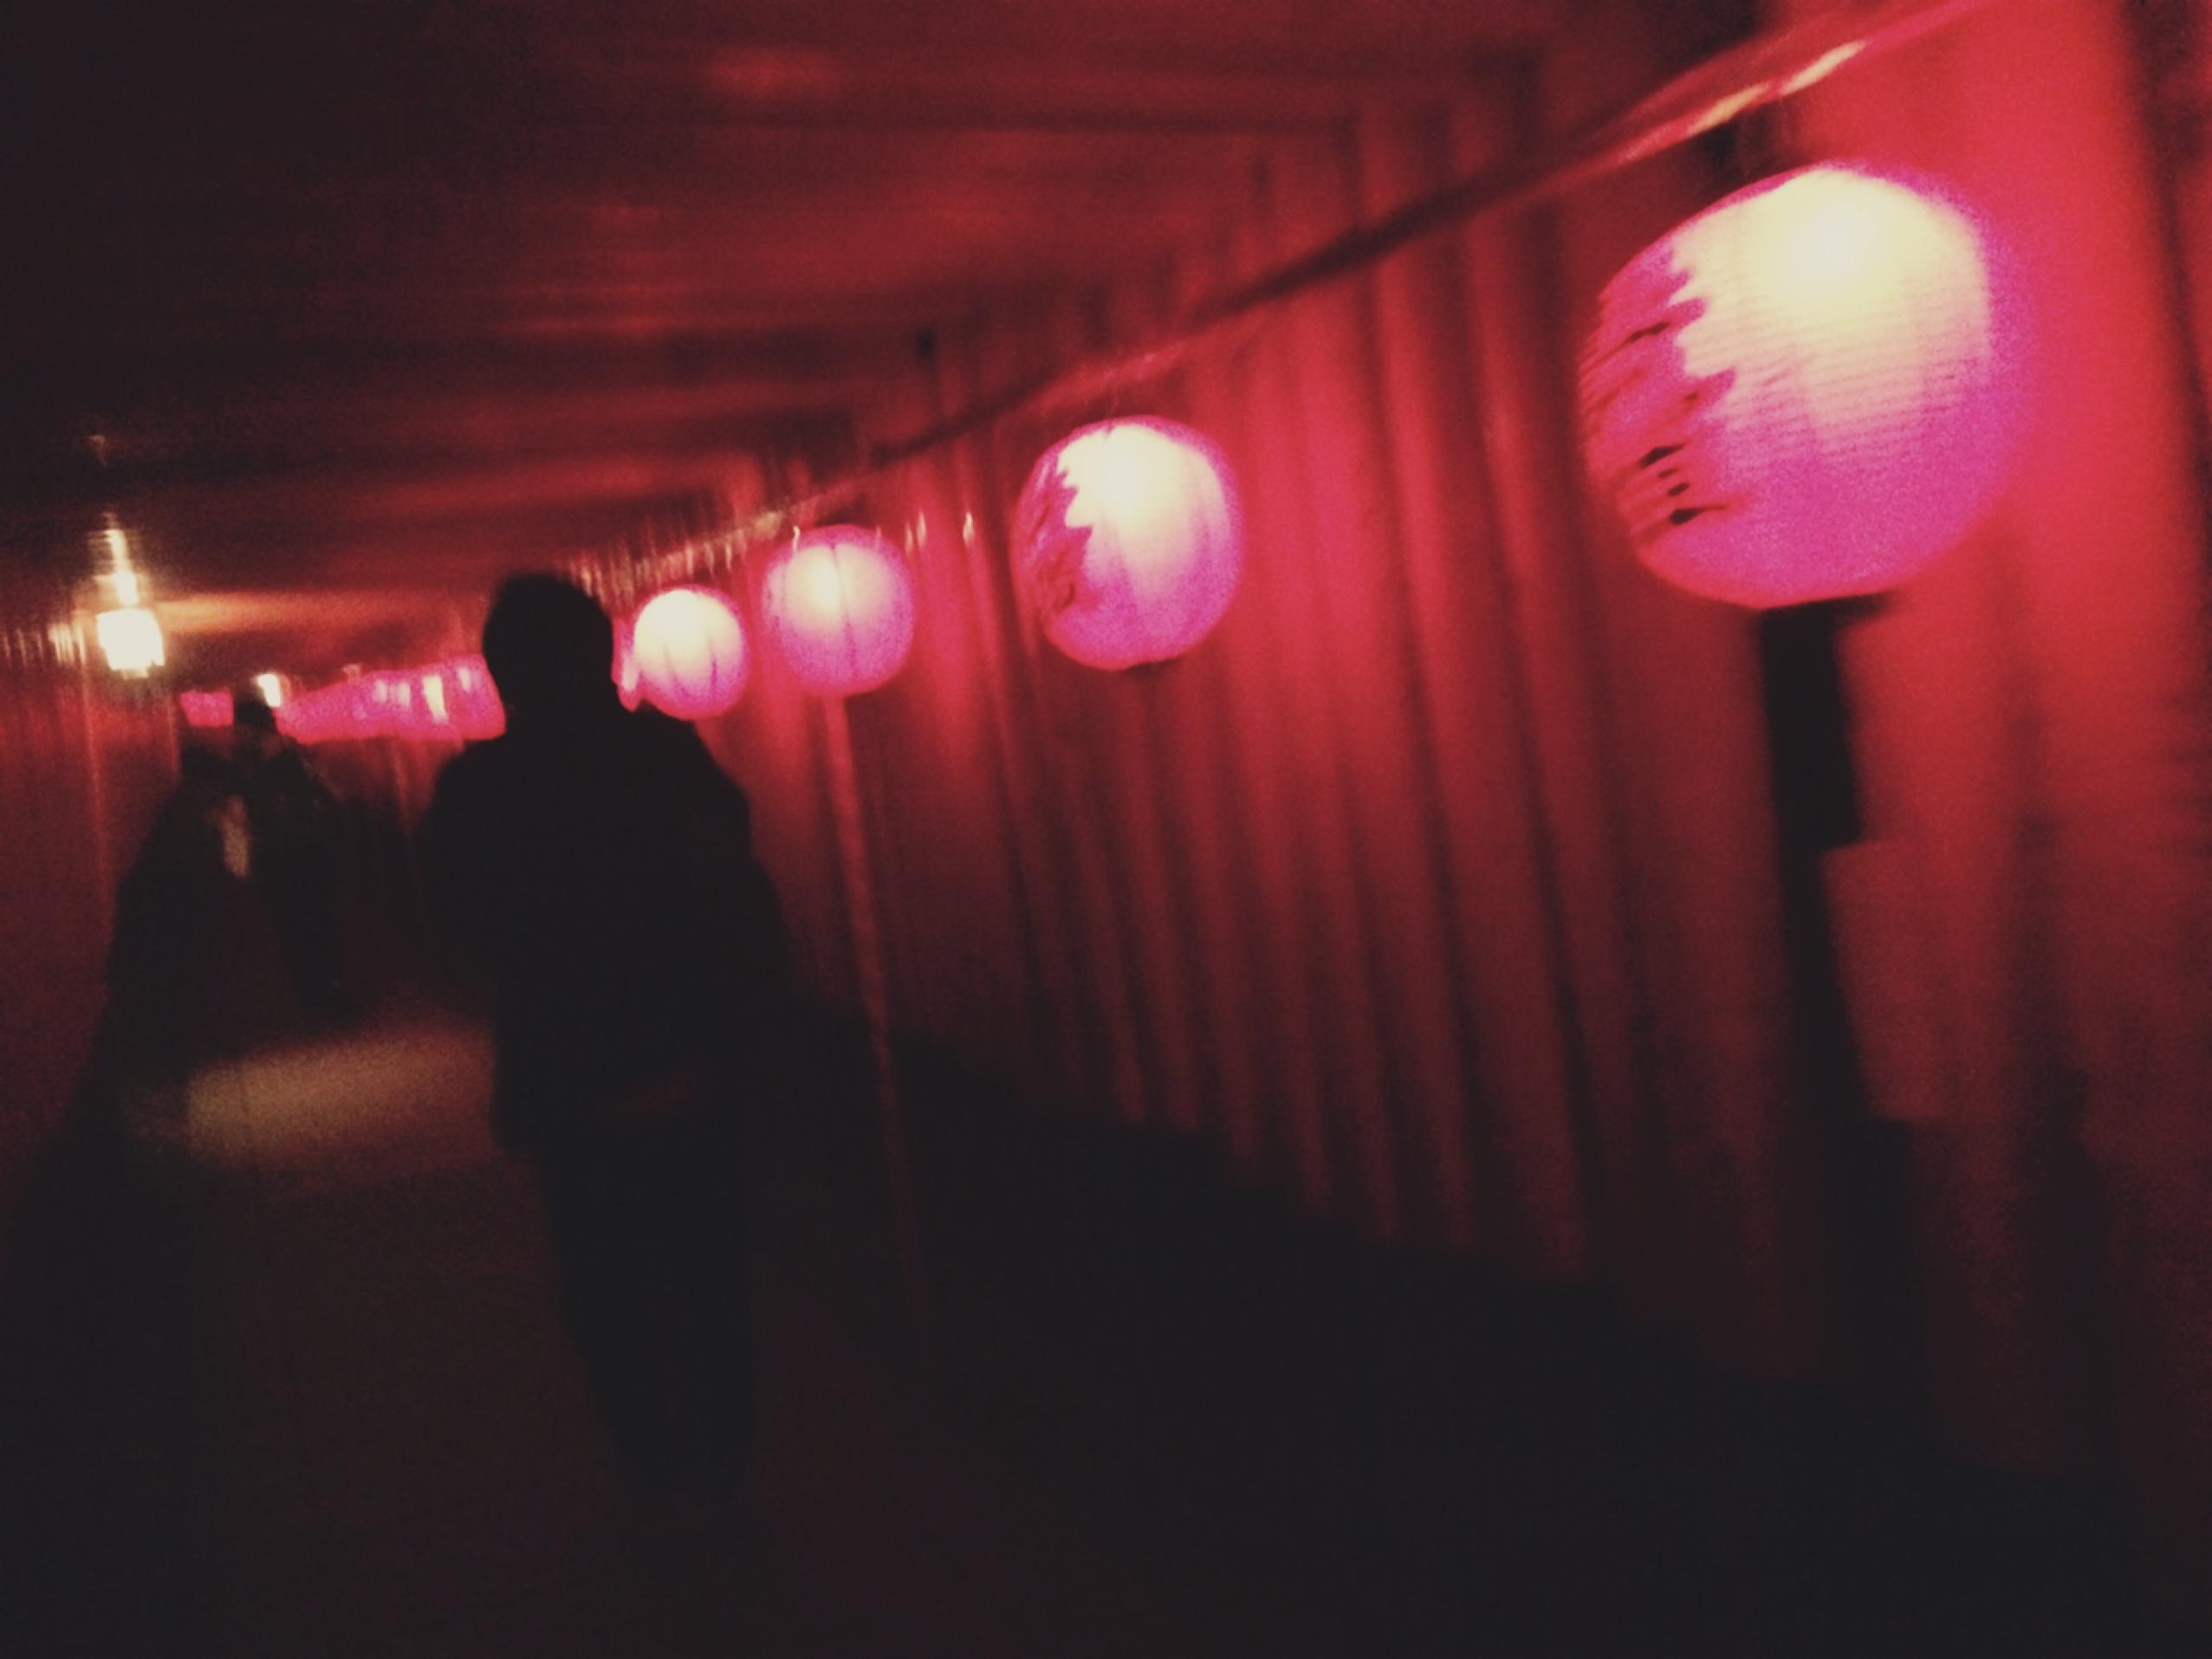 【京都の夏の風物詩】伏見稲荷大社の本宮祭に行こう⚐⚑⚐゛_1_2